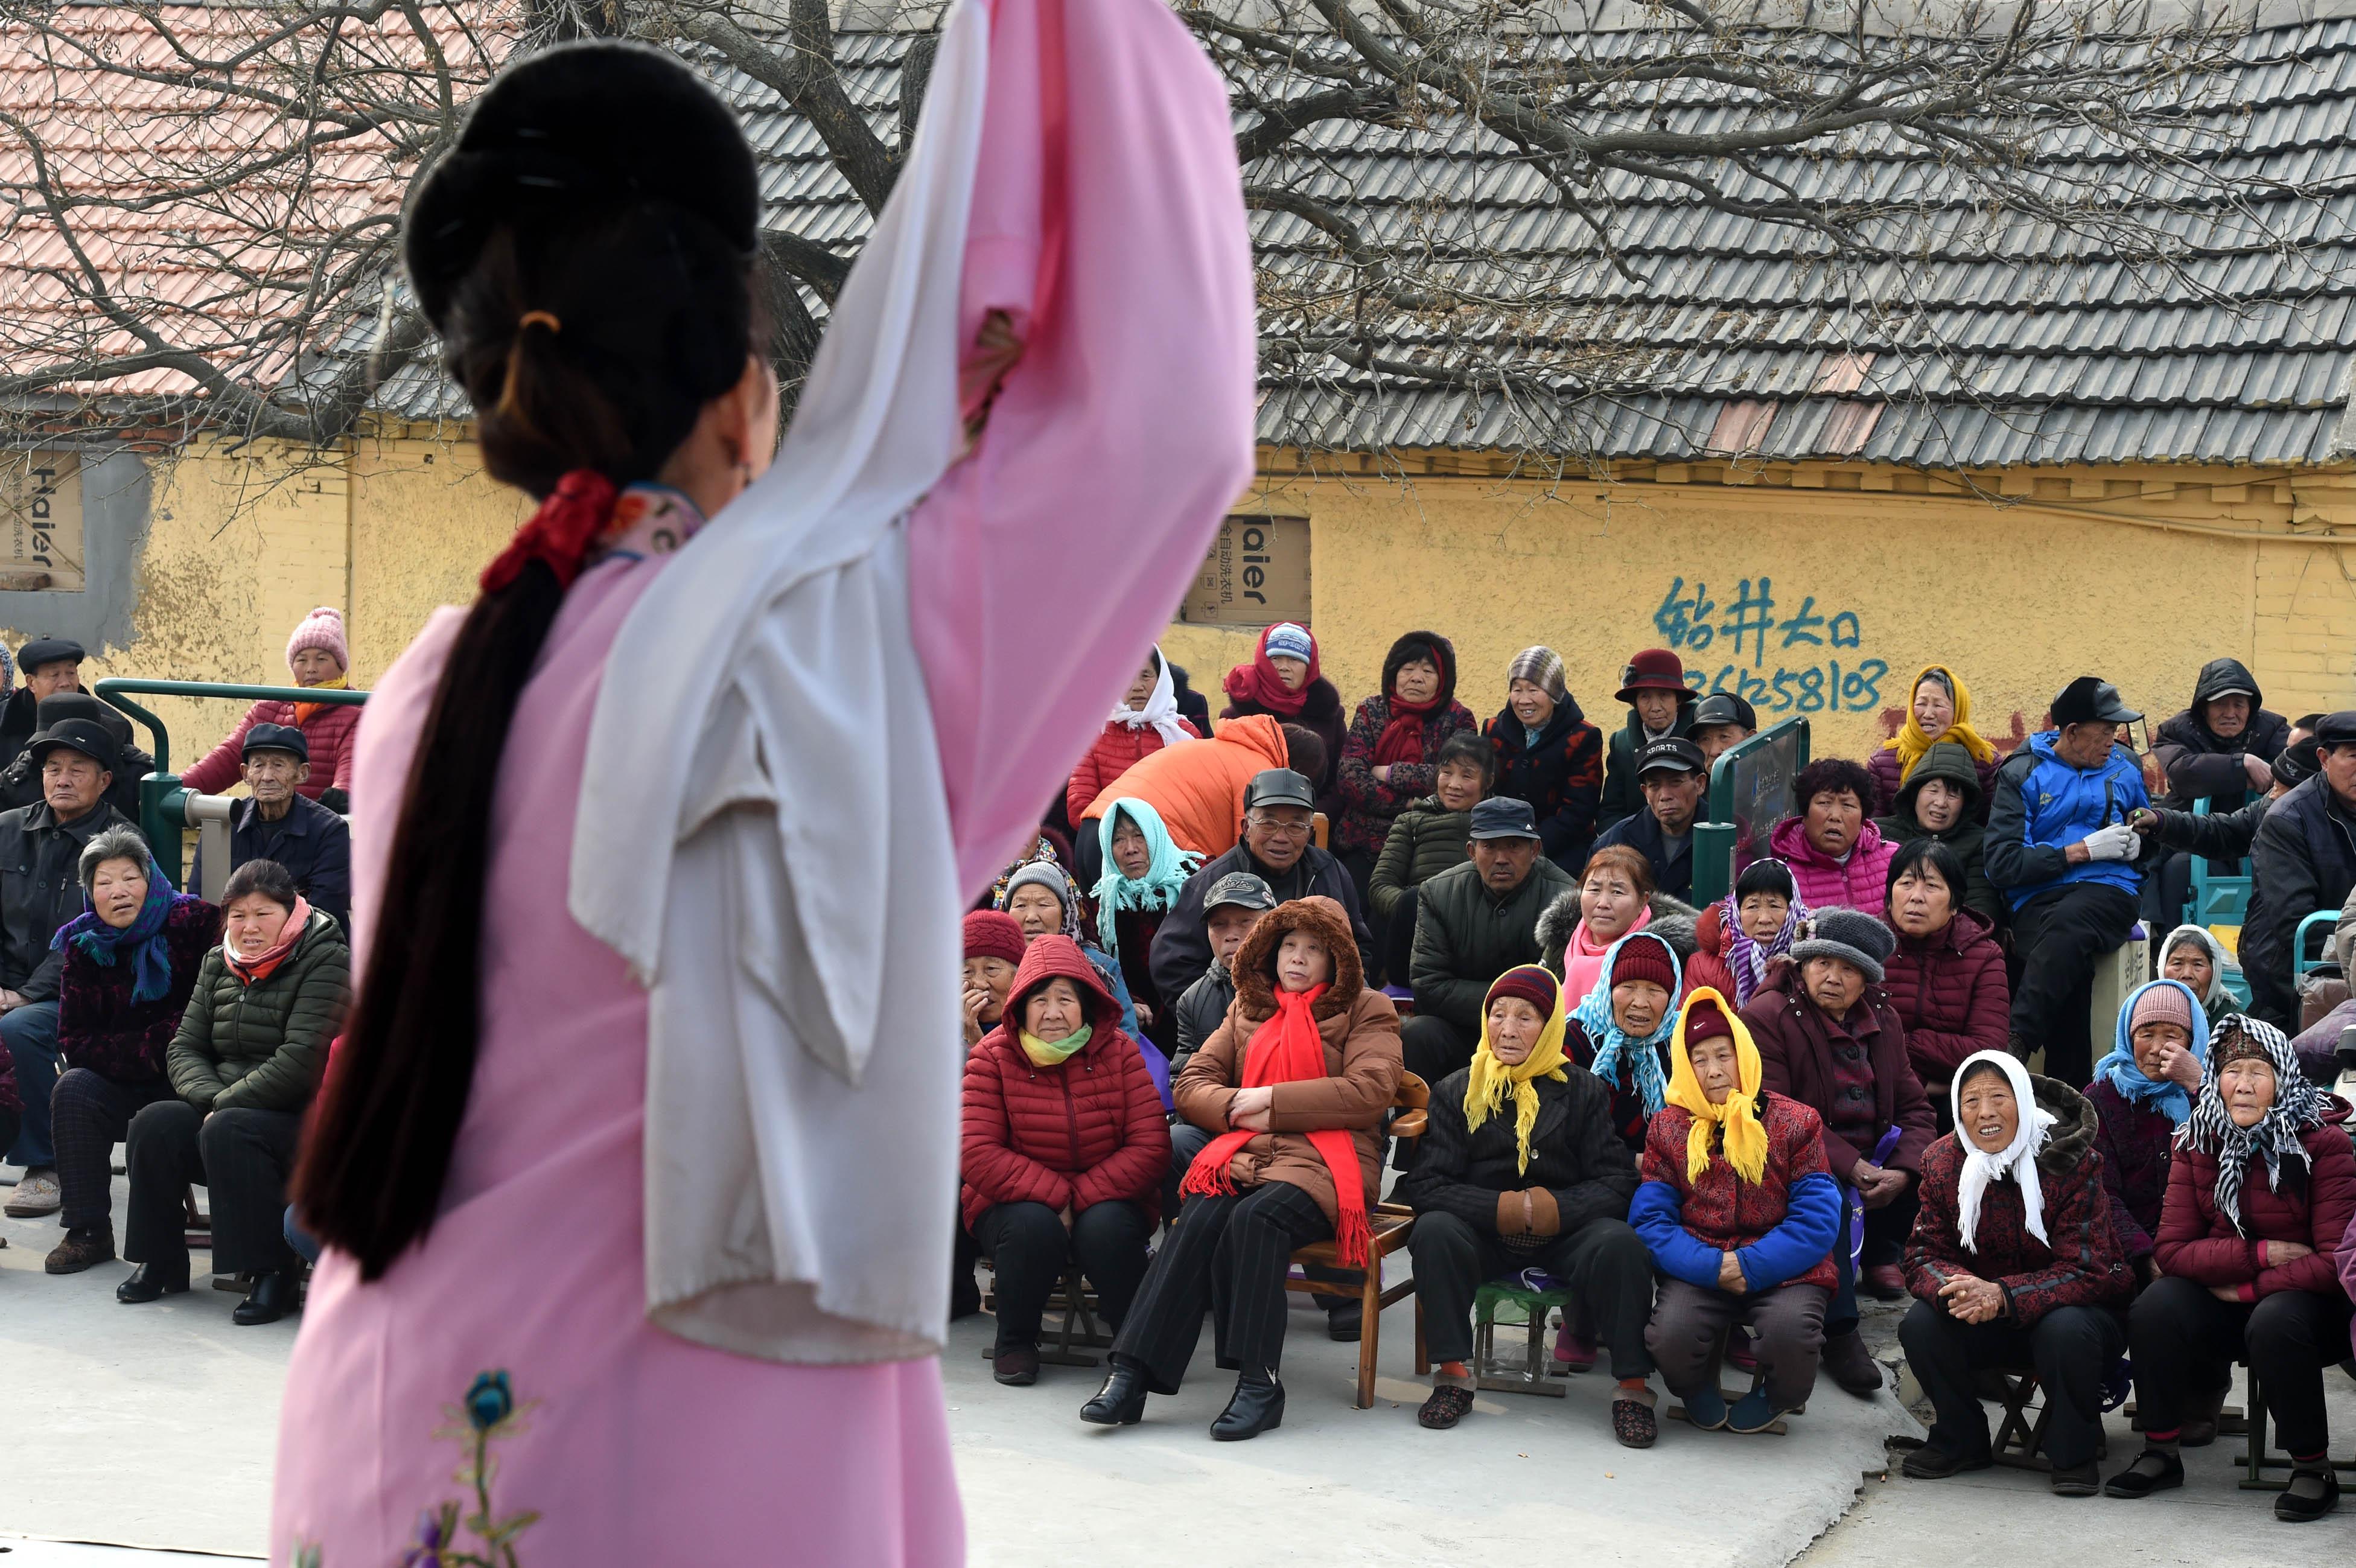 莱西:新春惠民 文化下乡